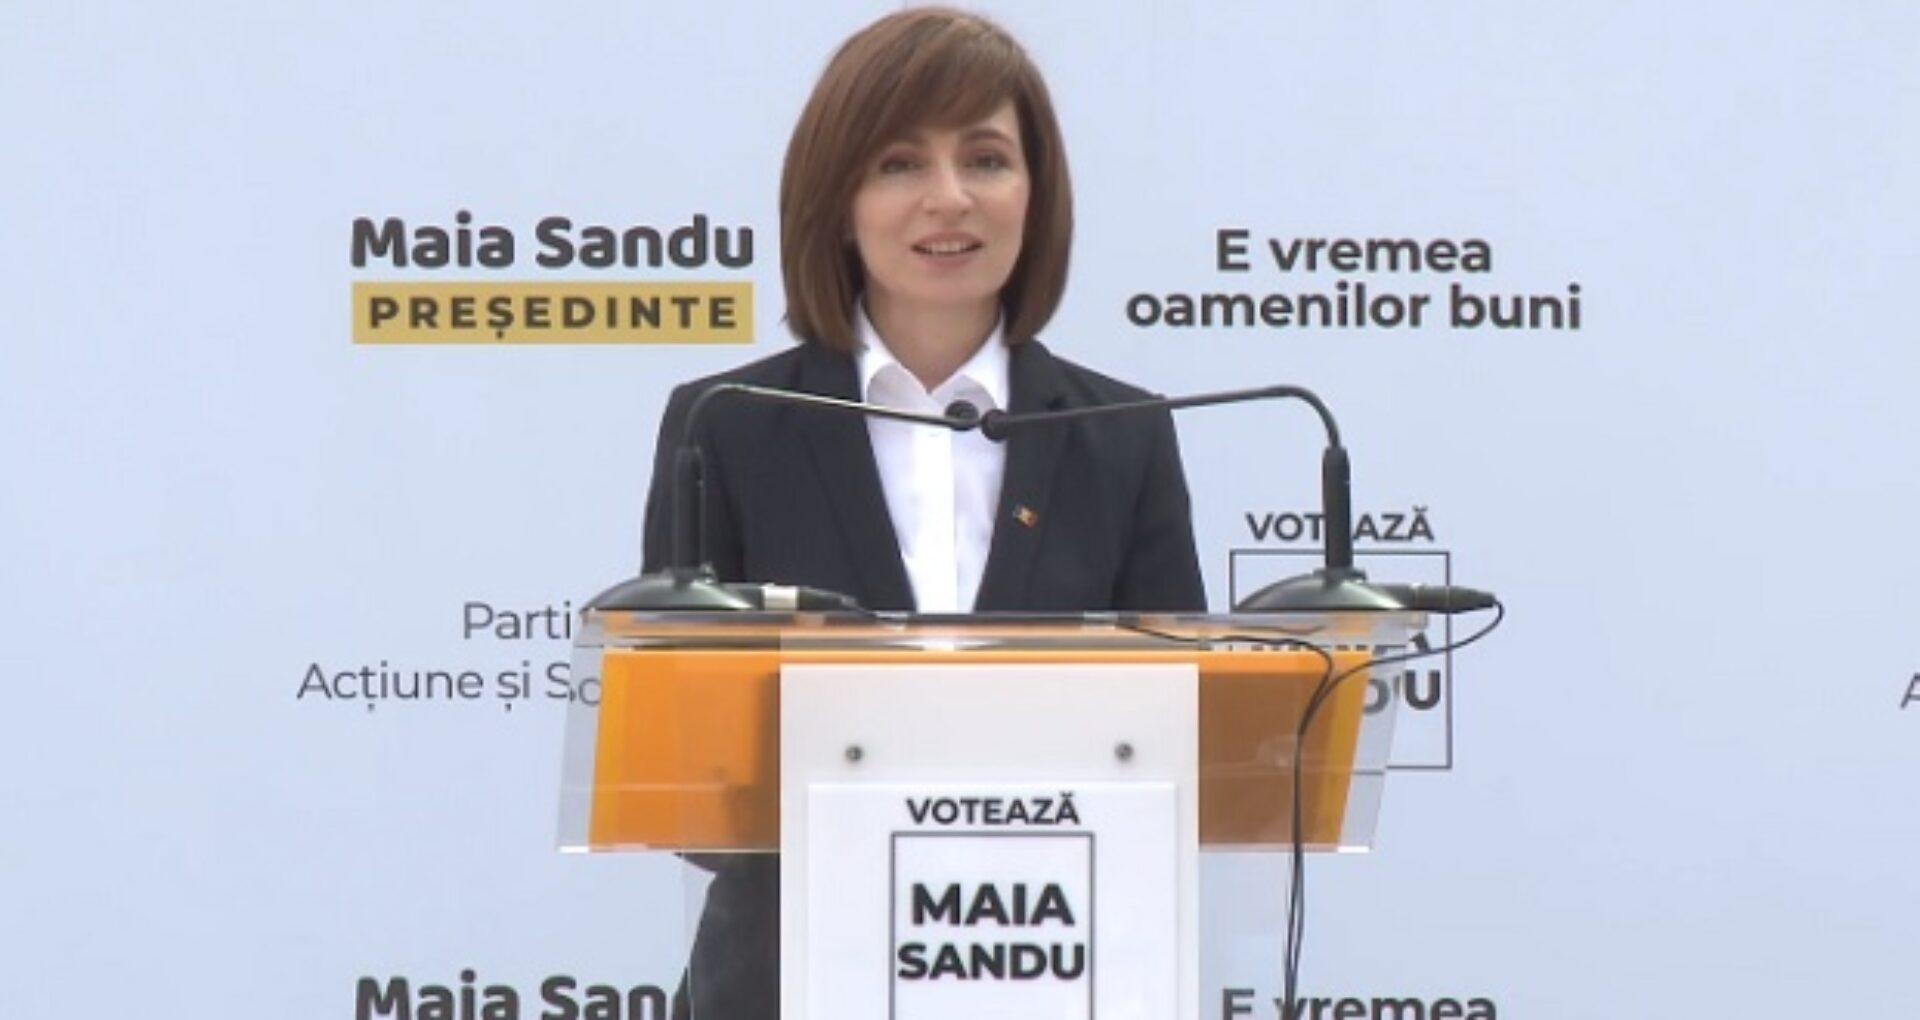 Ultima oră! La sediul PAS au apărut agenți ai SPPS: noului președinte ales al R. Moldova i-a fost pus la dispoziție un automobil de serviciu și șofer